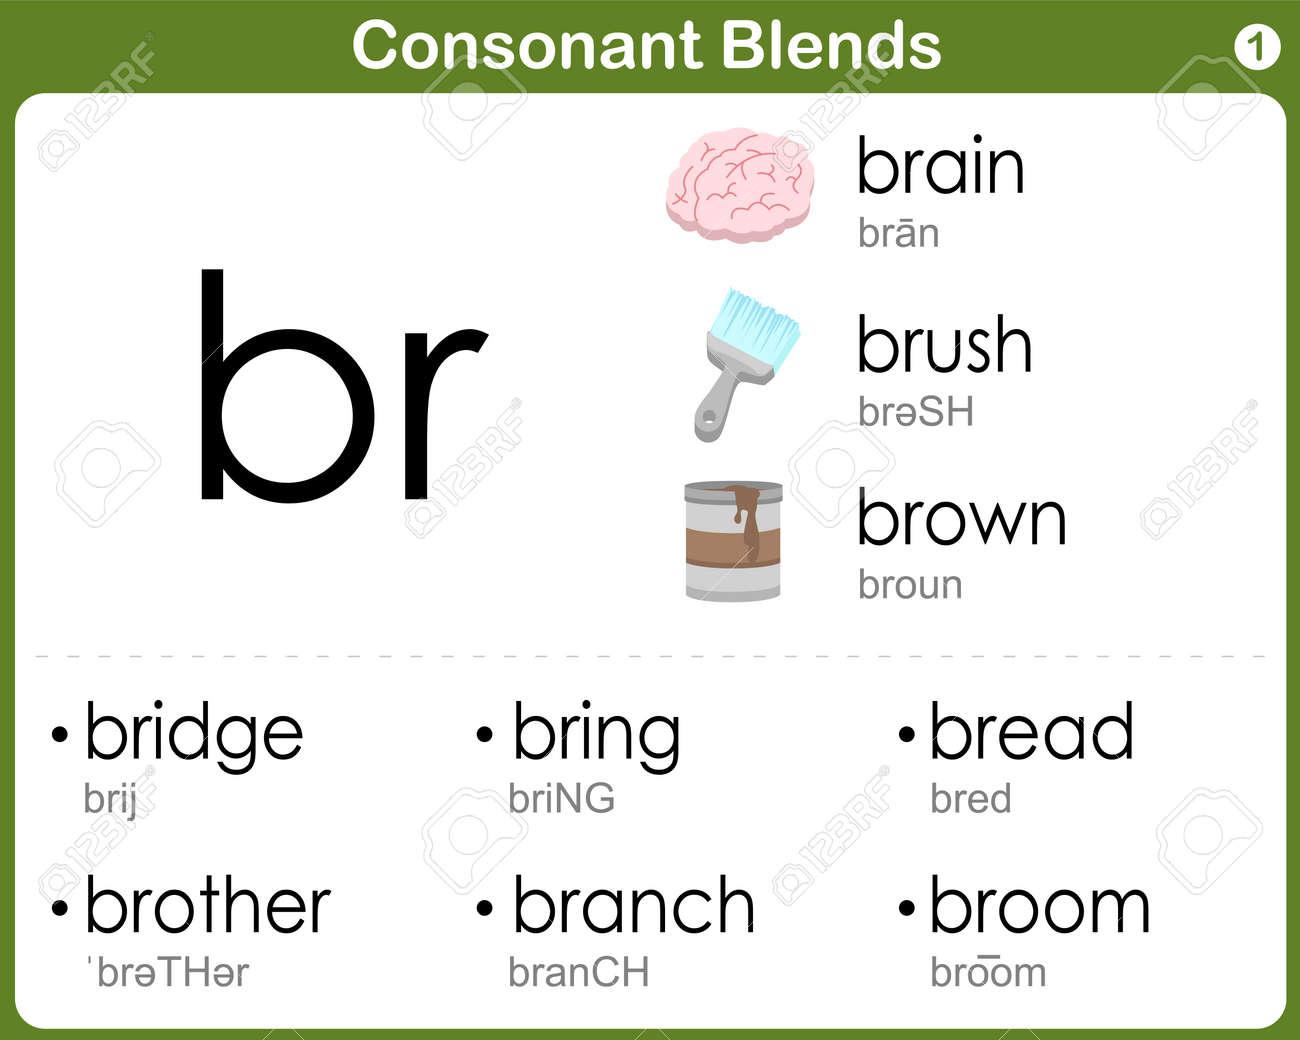 Consonant Blends Worksheet For Kids Royalty Free Cliparts Vectors – Blends Worksheets for Kindergarten